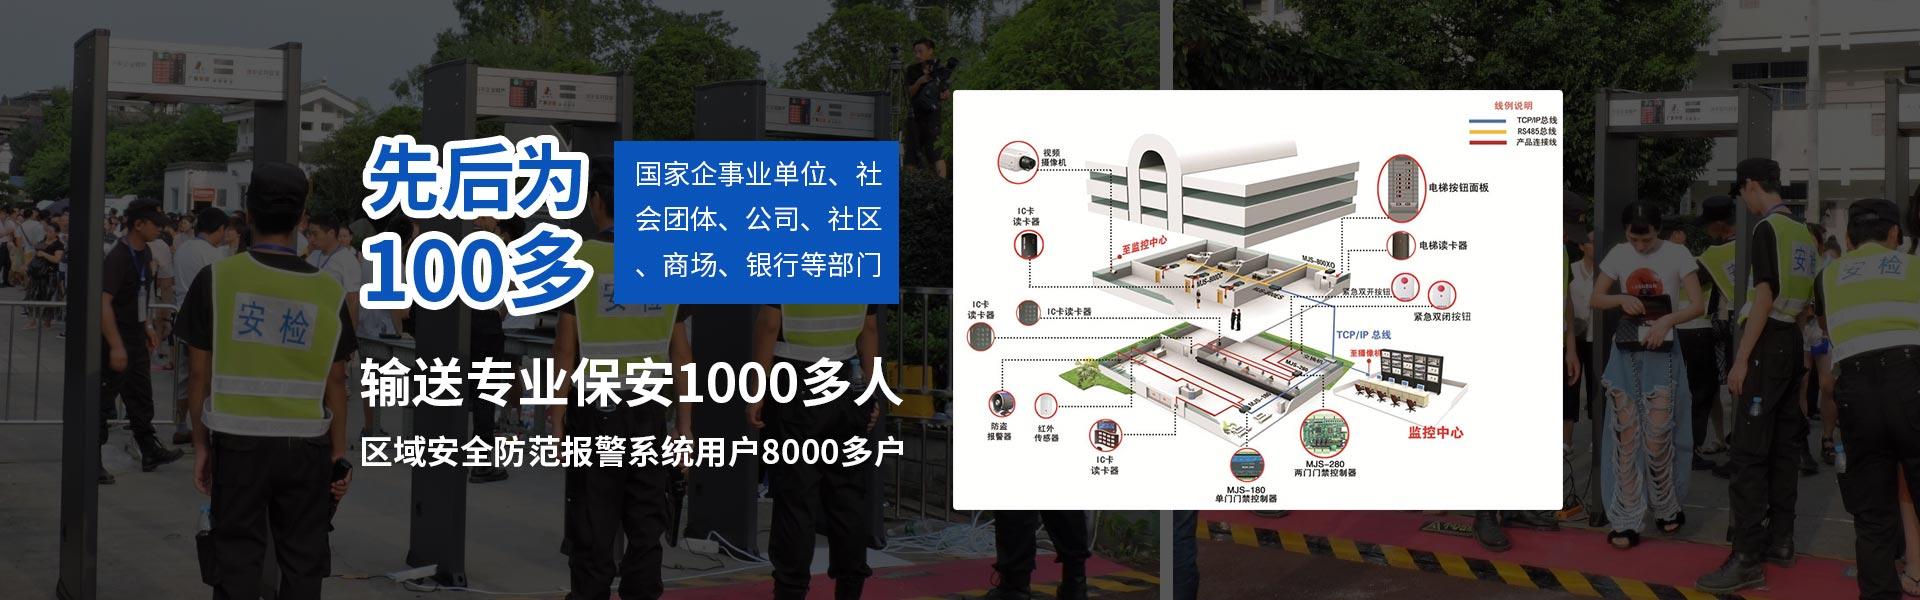 陕西商场保安服务公司